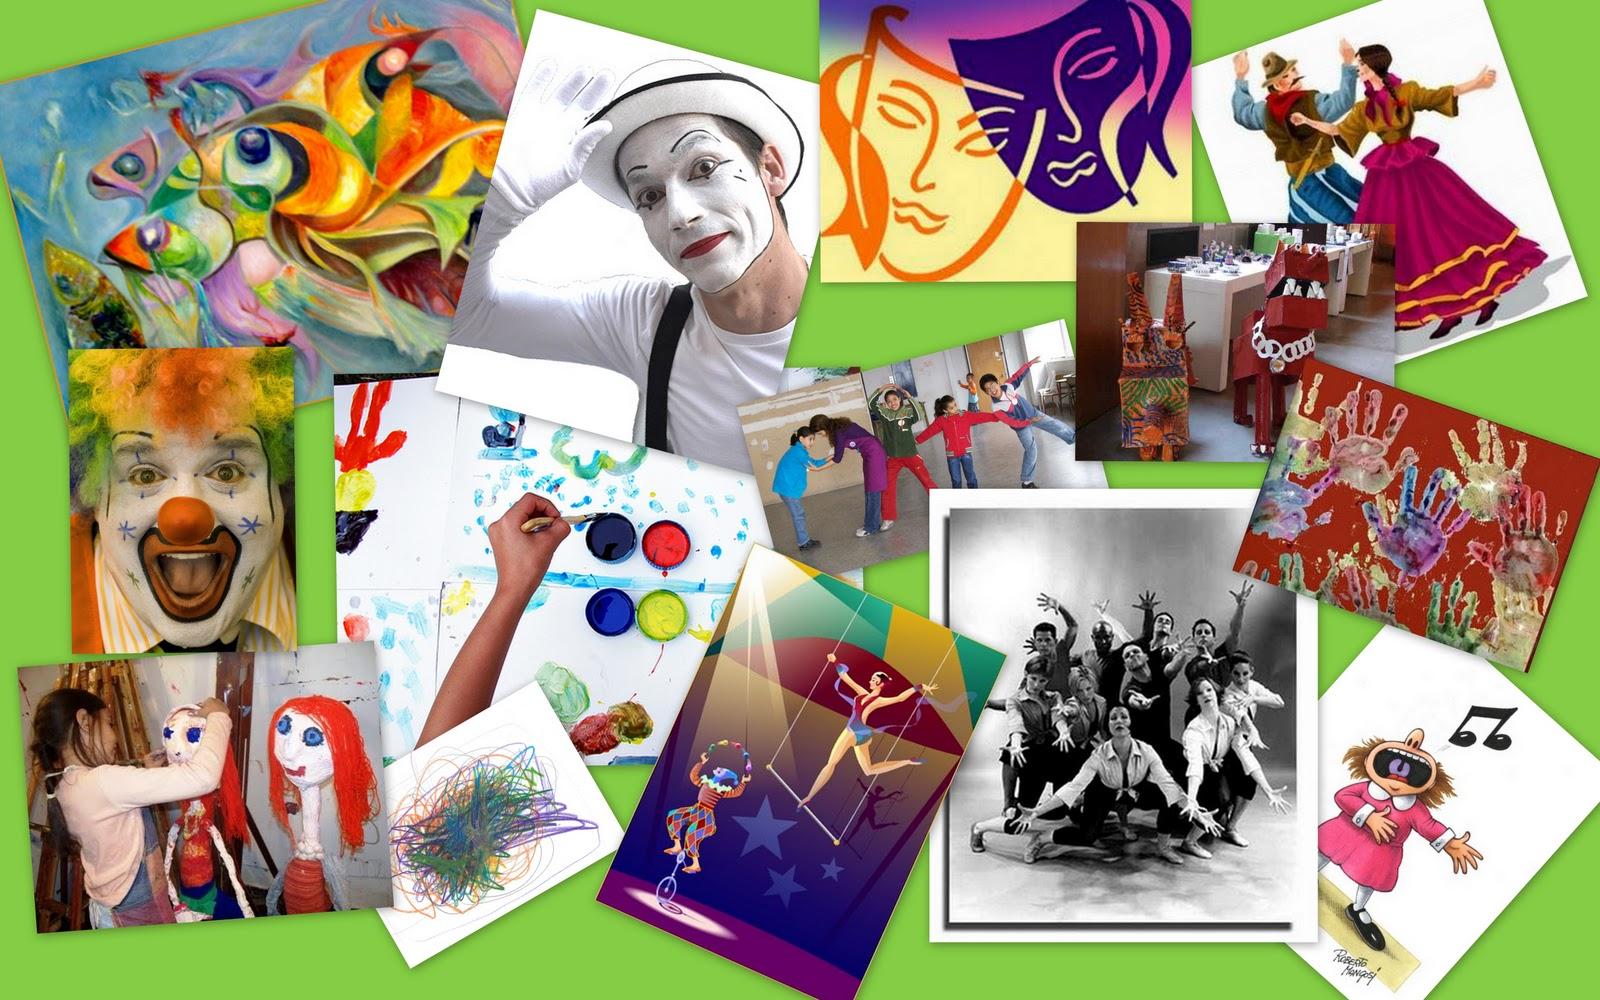 Aprendizaje de los Niños atravez del arte